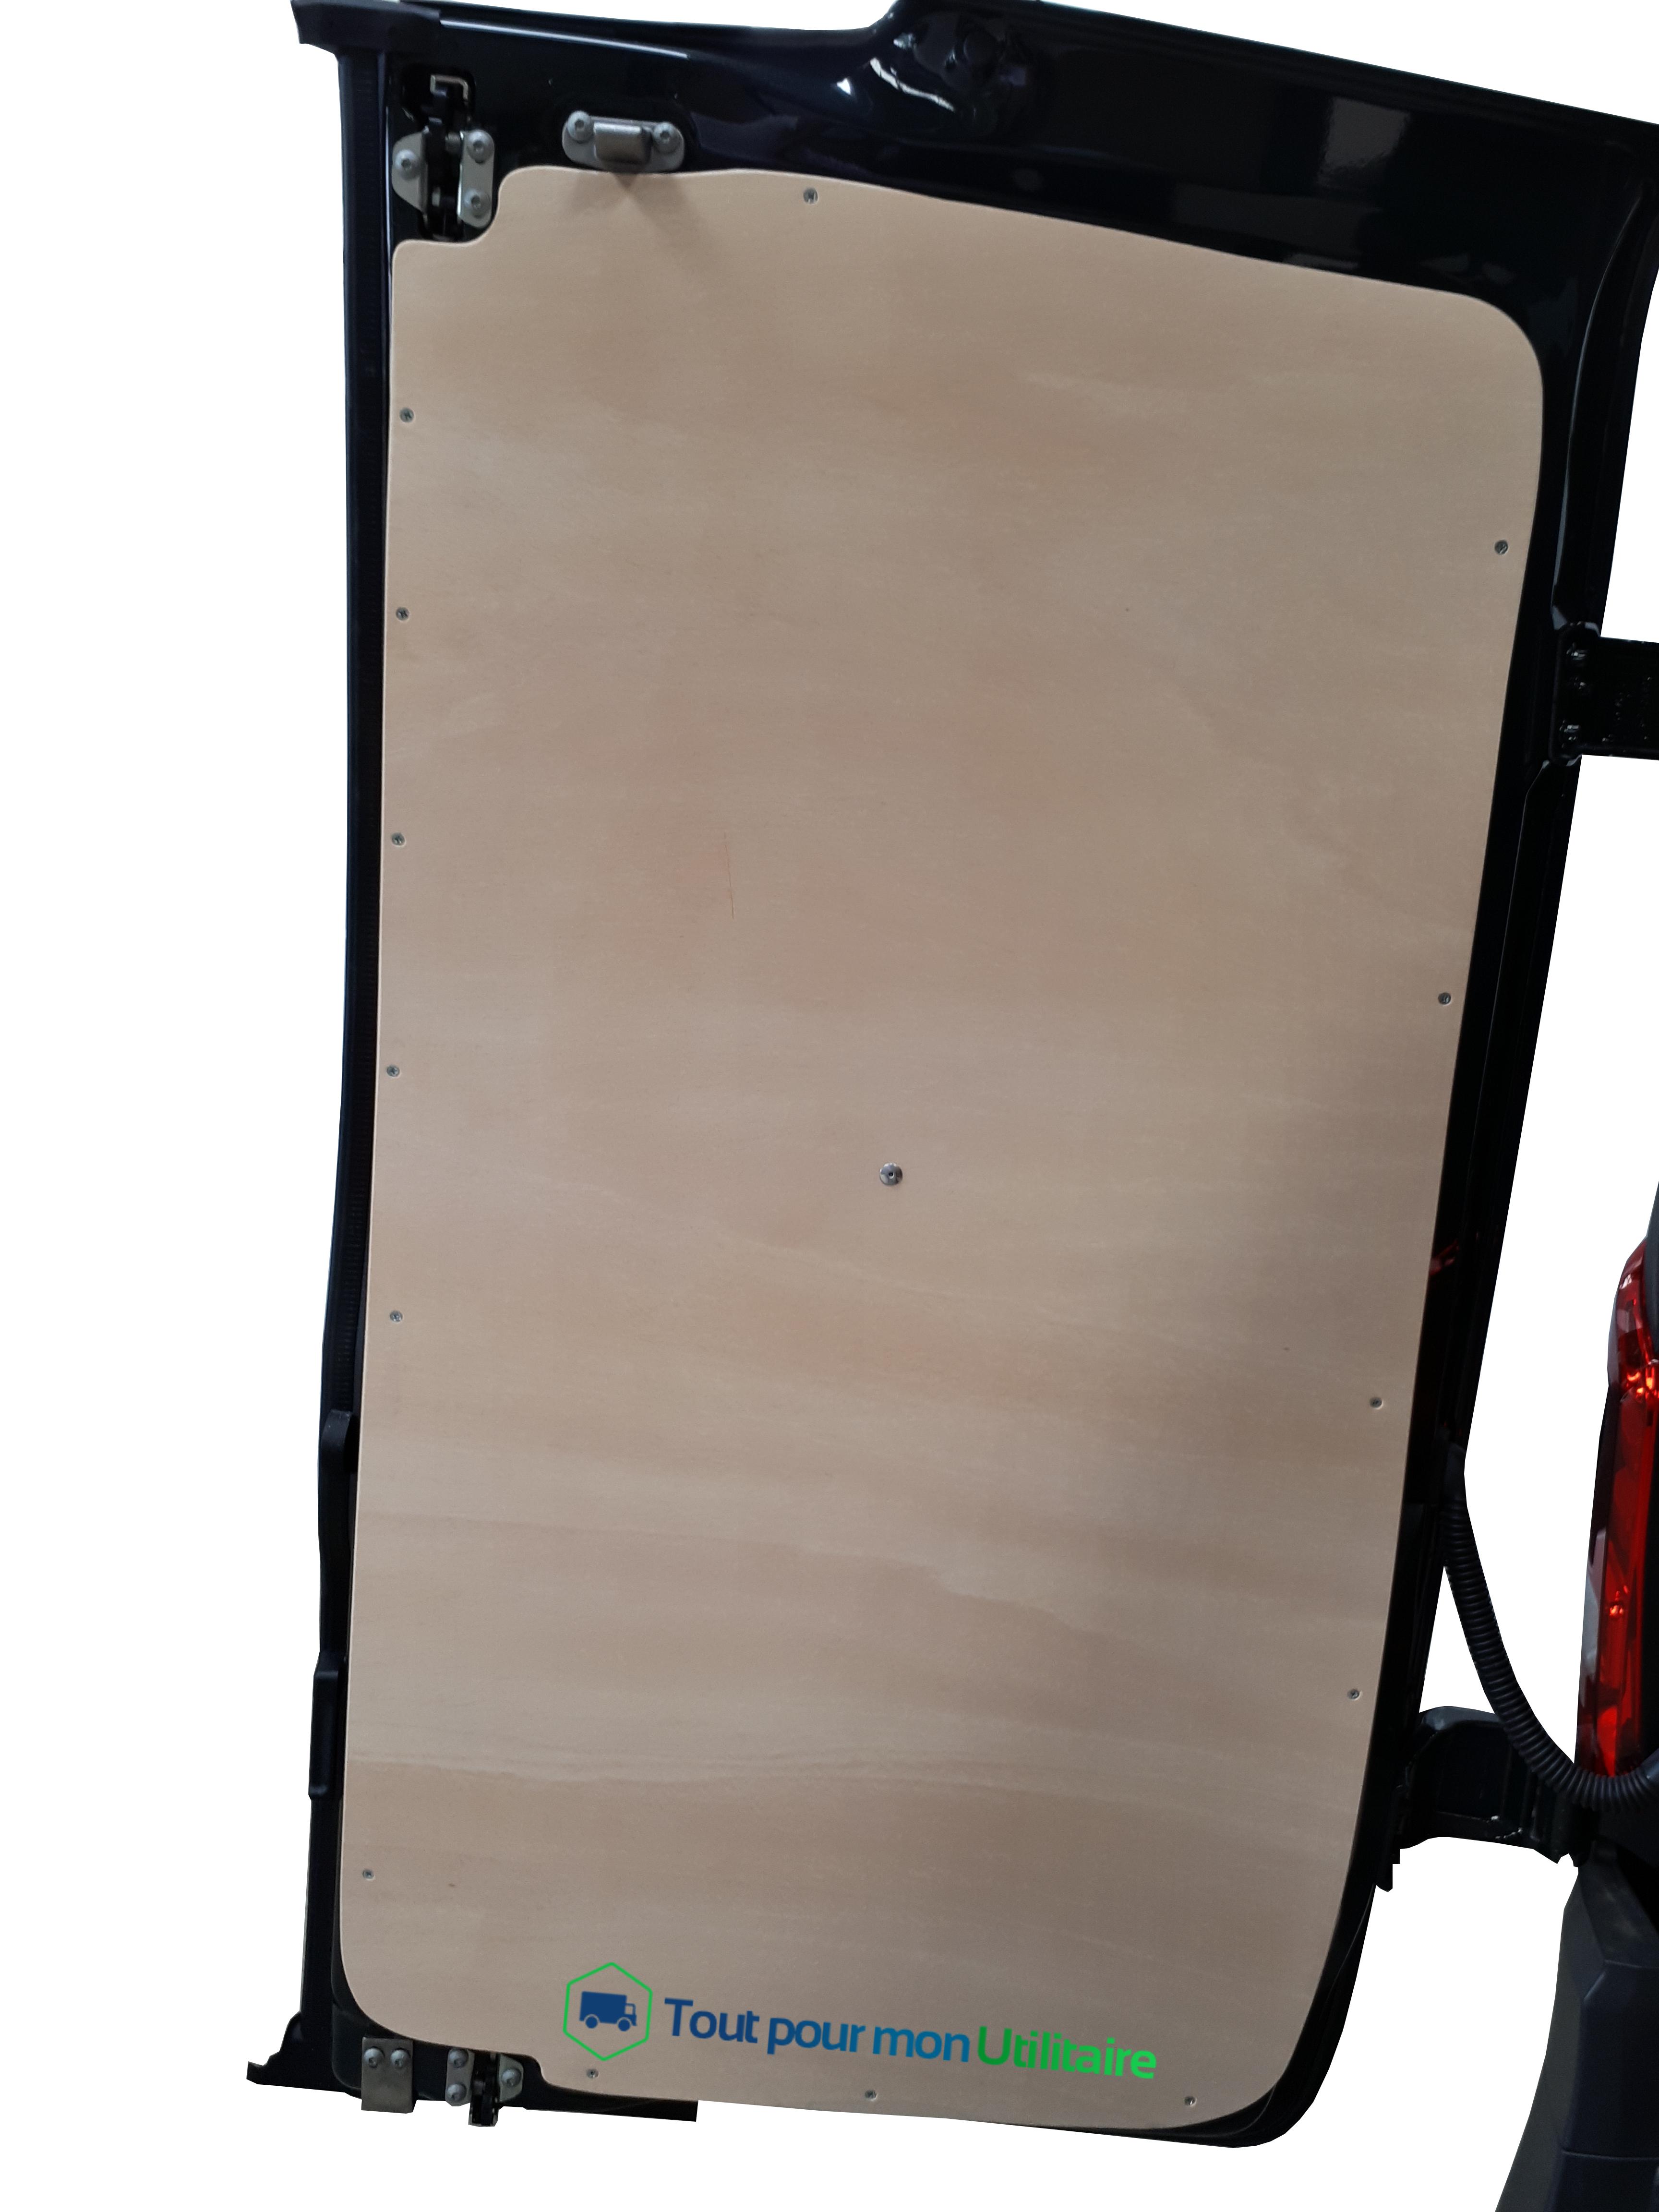 Kit d 39 habillage int rieur bois mercedes vito extra long 1 plc hayon pour v hicule utilitaire - Kit d habillage pour bati de porte ...